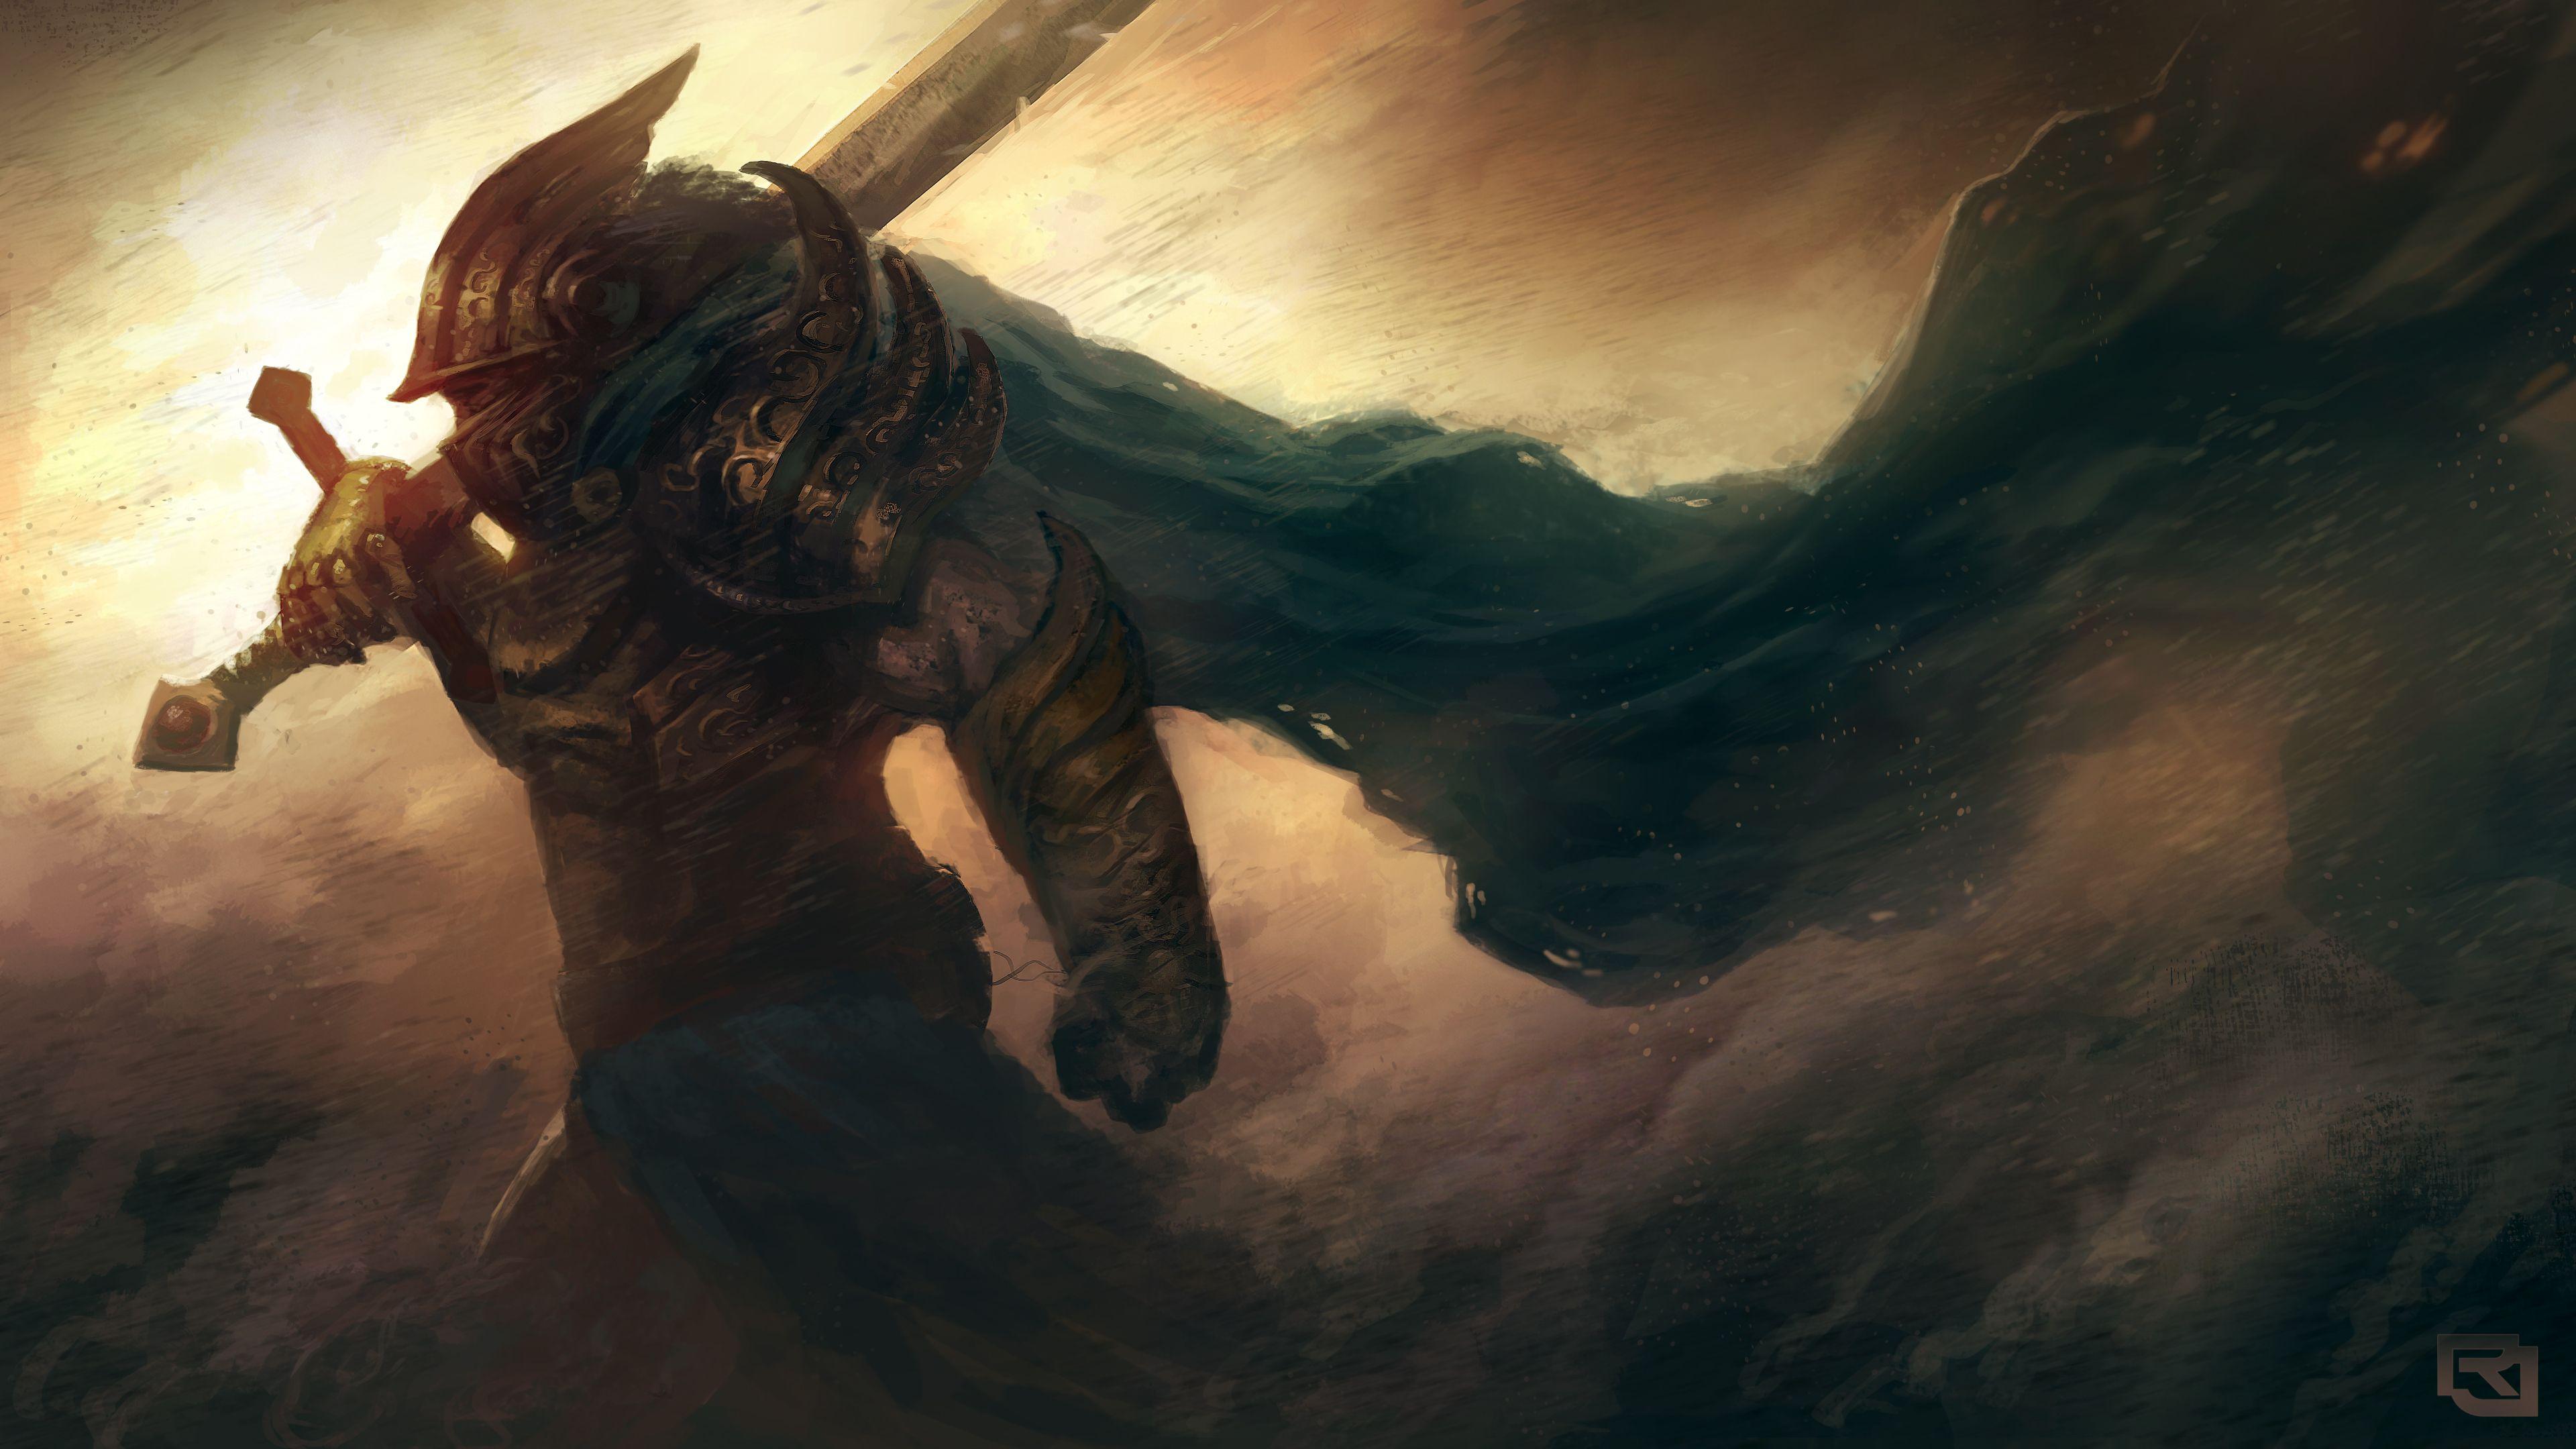 download wallpaper 3840x2160 art, warrior, armor, helmet, sword